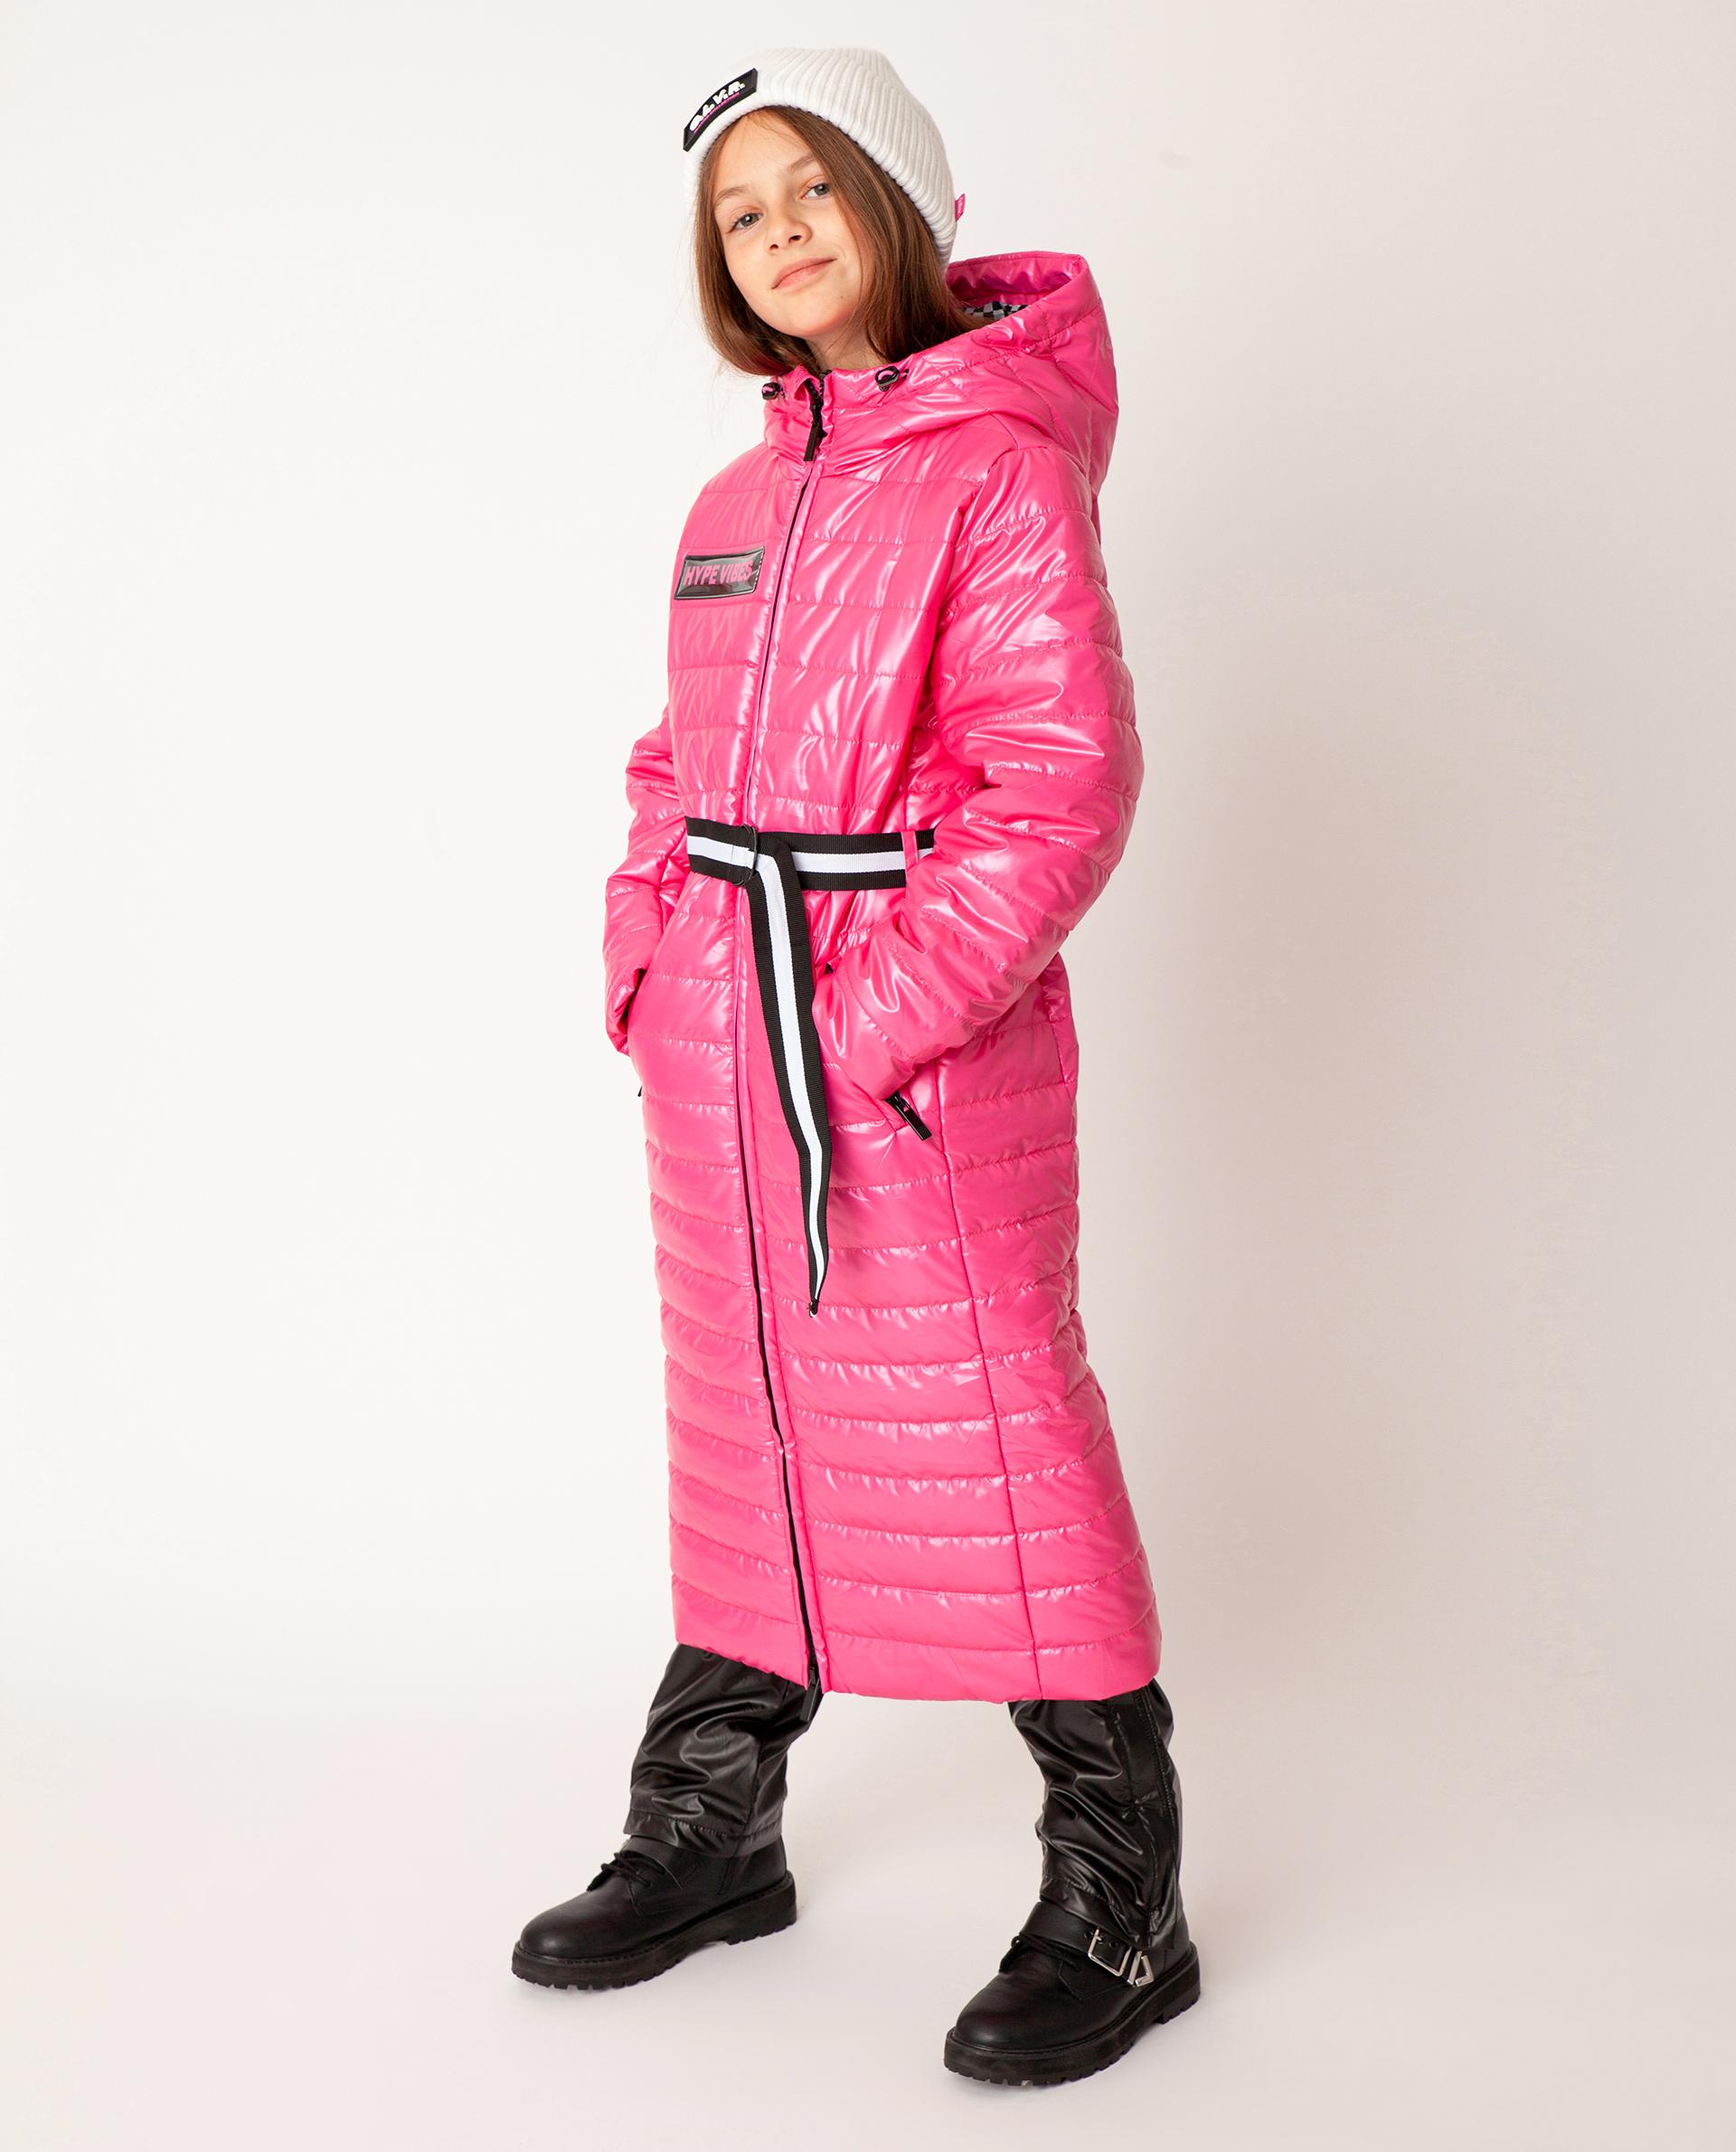 Купить 22009GJC4510, Розовое пальто демисезонное Gulliver, розовый, 140, Полиэстер, Женский, Демисезон, ОСЕНЬ/ЗИМА 2020-2021 (shop: GulliverMarket Gulliver Market)